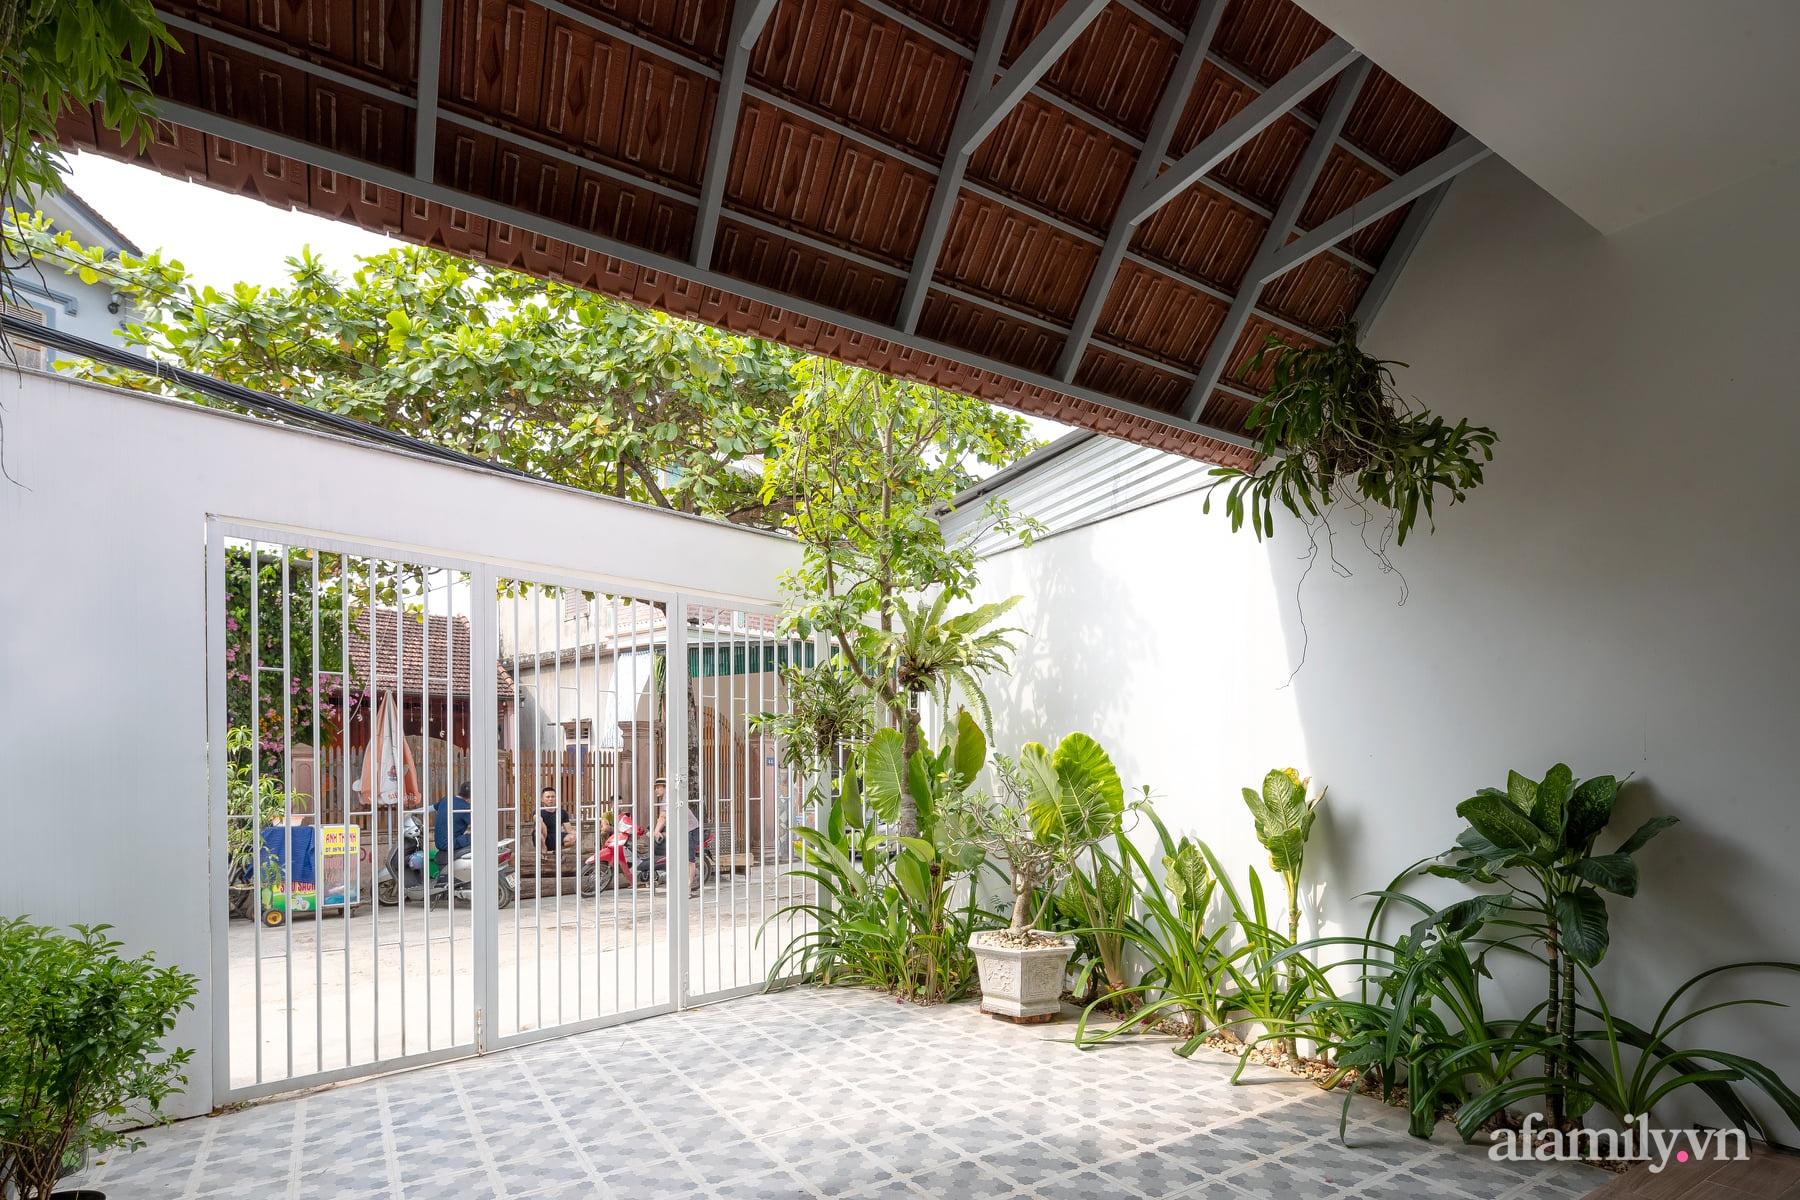 Ngôi nhà ngói gói gọn bình yên với những tiện nghi và hiện đại ở thị trấn nông thôn Nghệ An - Ảnh 8.